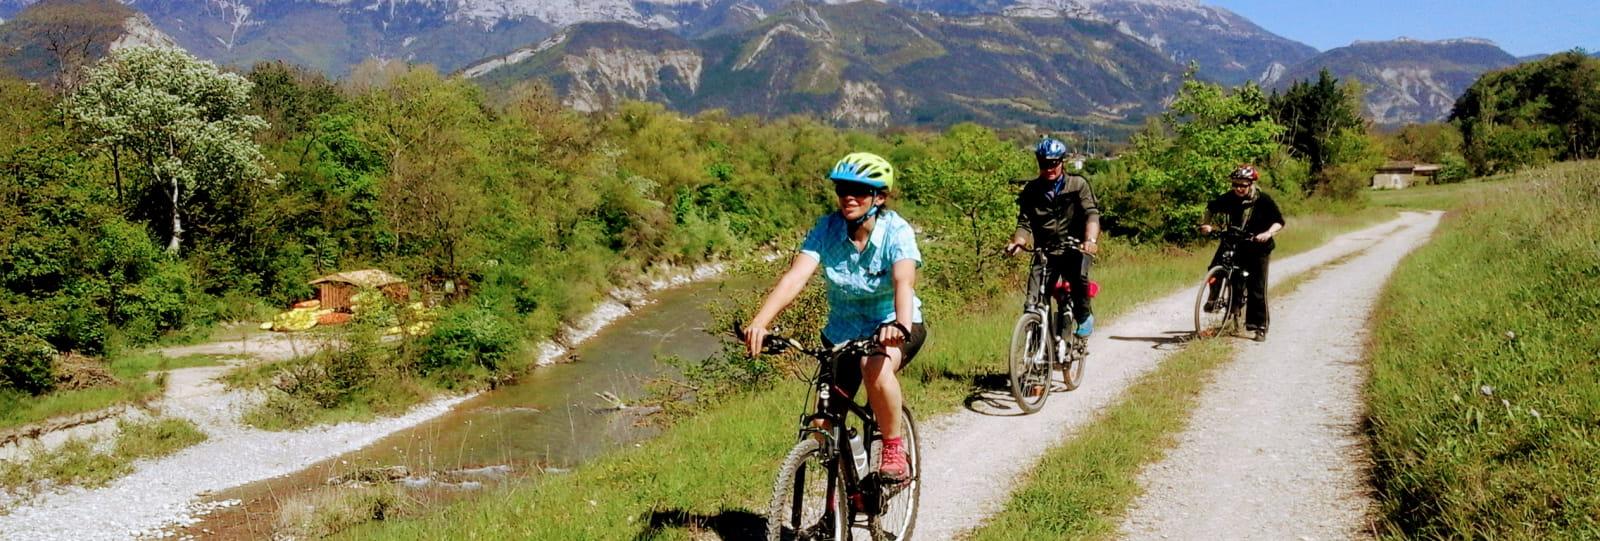 Balade guidée à vélo électrique - Entre Clairette et Bio Vallées avec BEcyclette